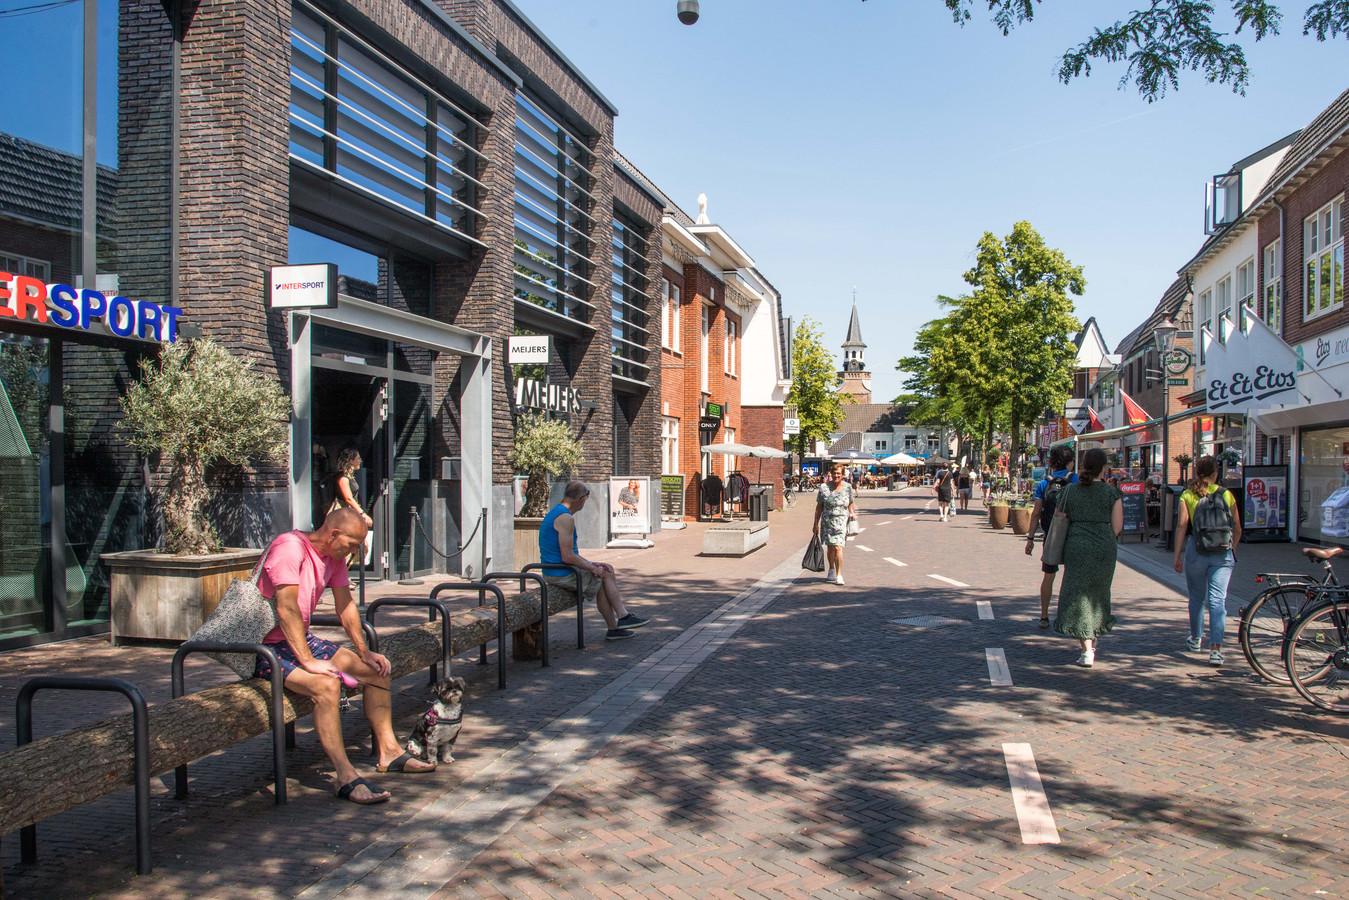 In de Dorpsstraat in Nunspeet zijn er onder de lege fietsrekken boomstammen geplaatst.